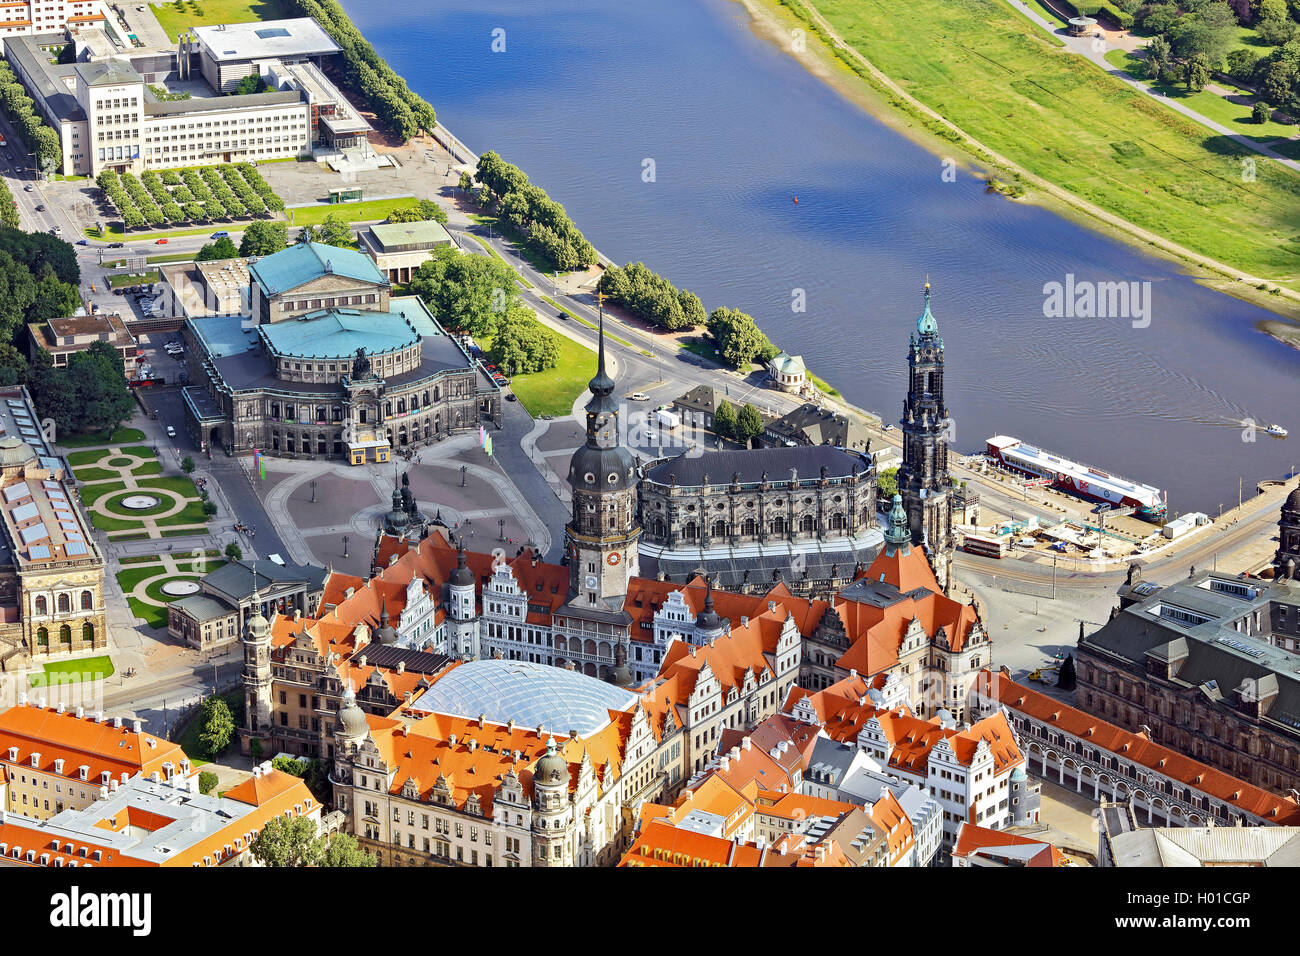 Innenstadt von Dresden Hofkirche und Semperoper, 20.06.2016, Luftbild, Deutschland, Sachsen, Dresden   inner city Stock Photo